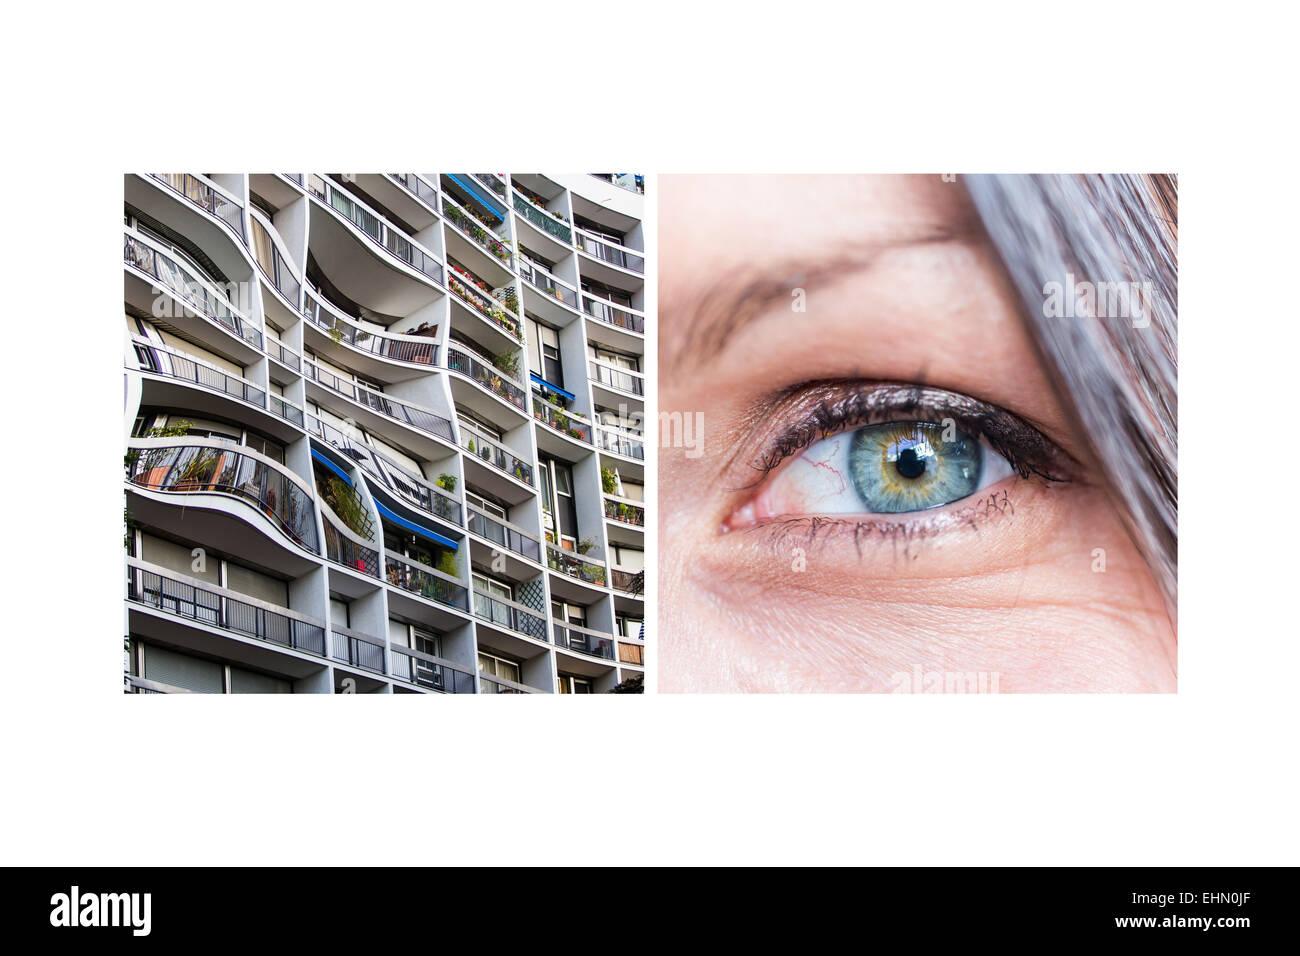 La primera etapa de la visión de una persona afectada por el envejecimiento de degeneración macular (DMAE). Imagen De Stock